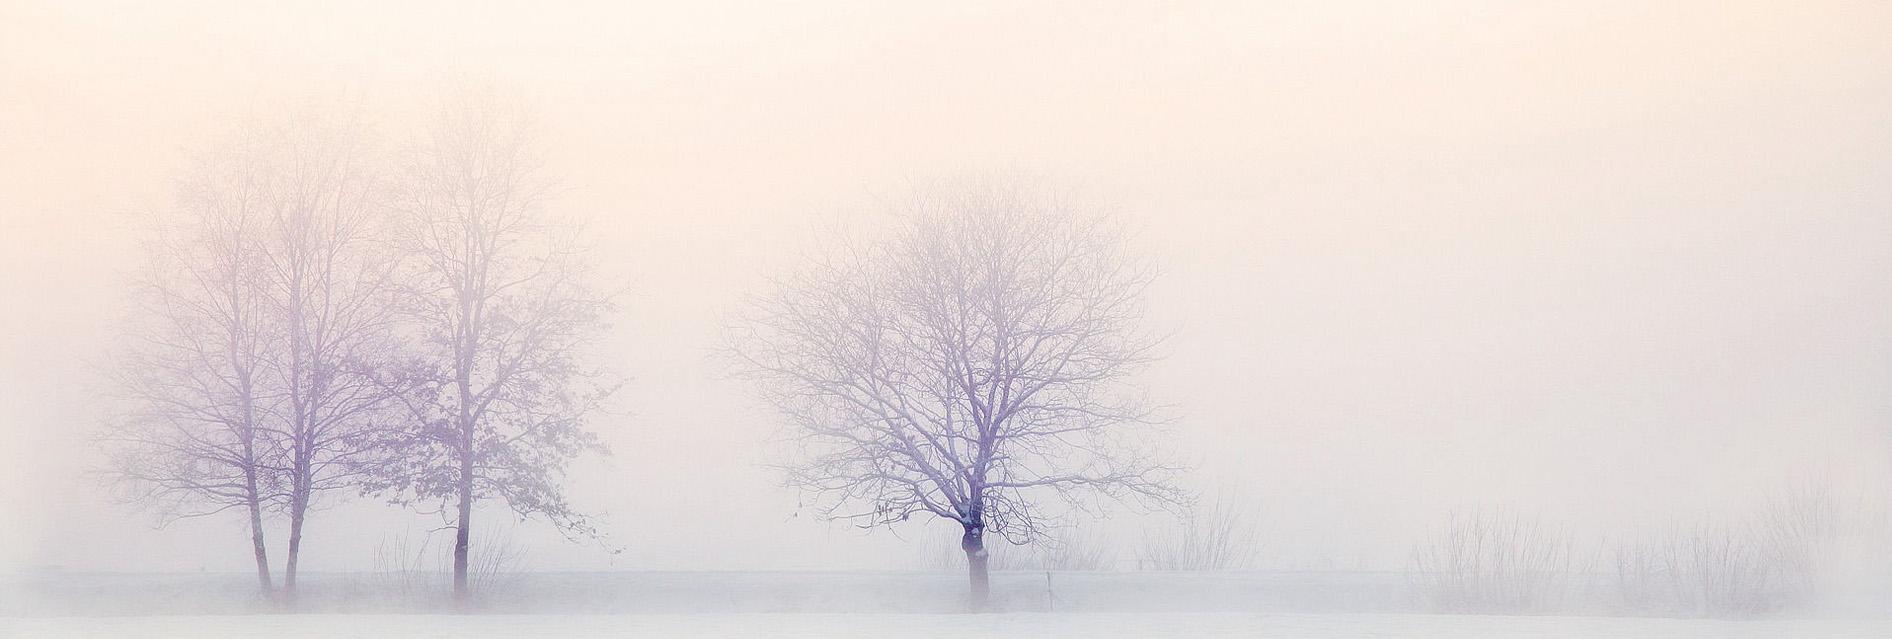 Paisaje Invierno